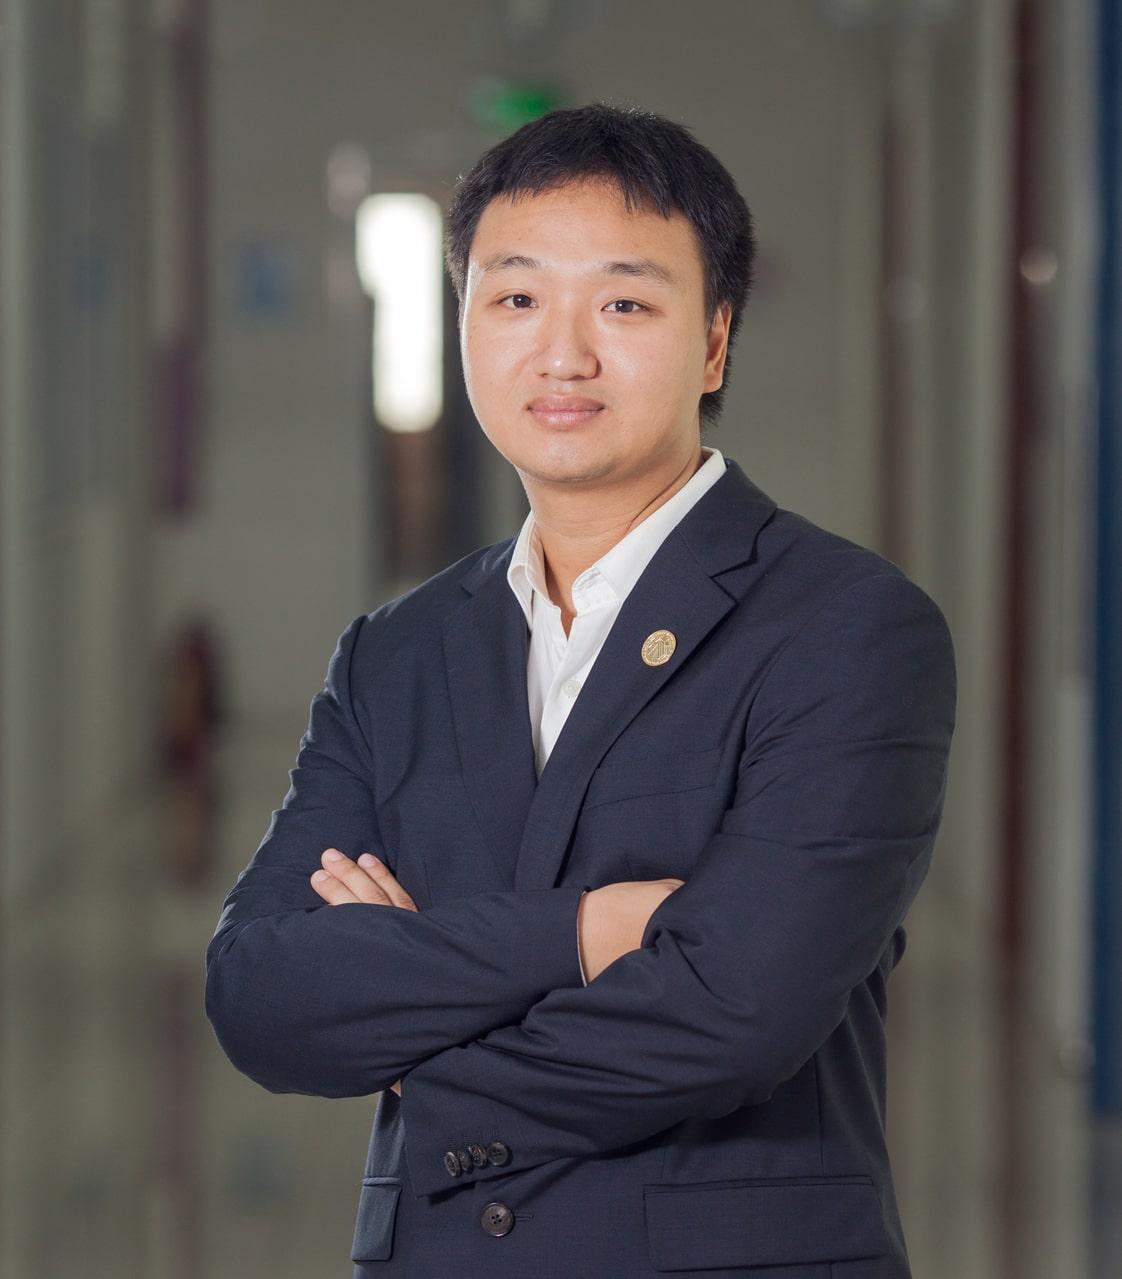 Mr. To Hoang Vu